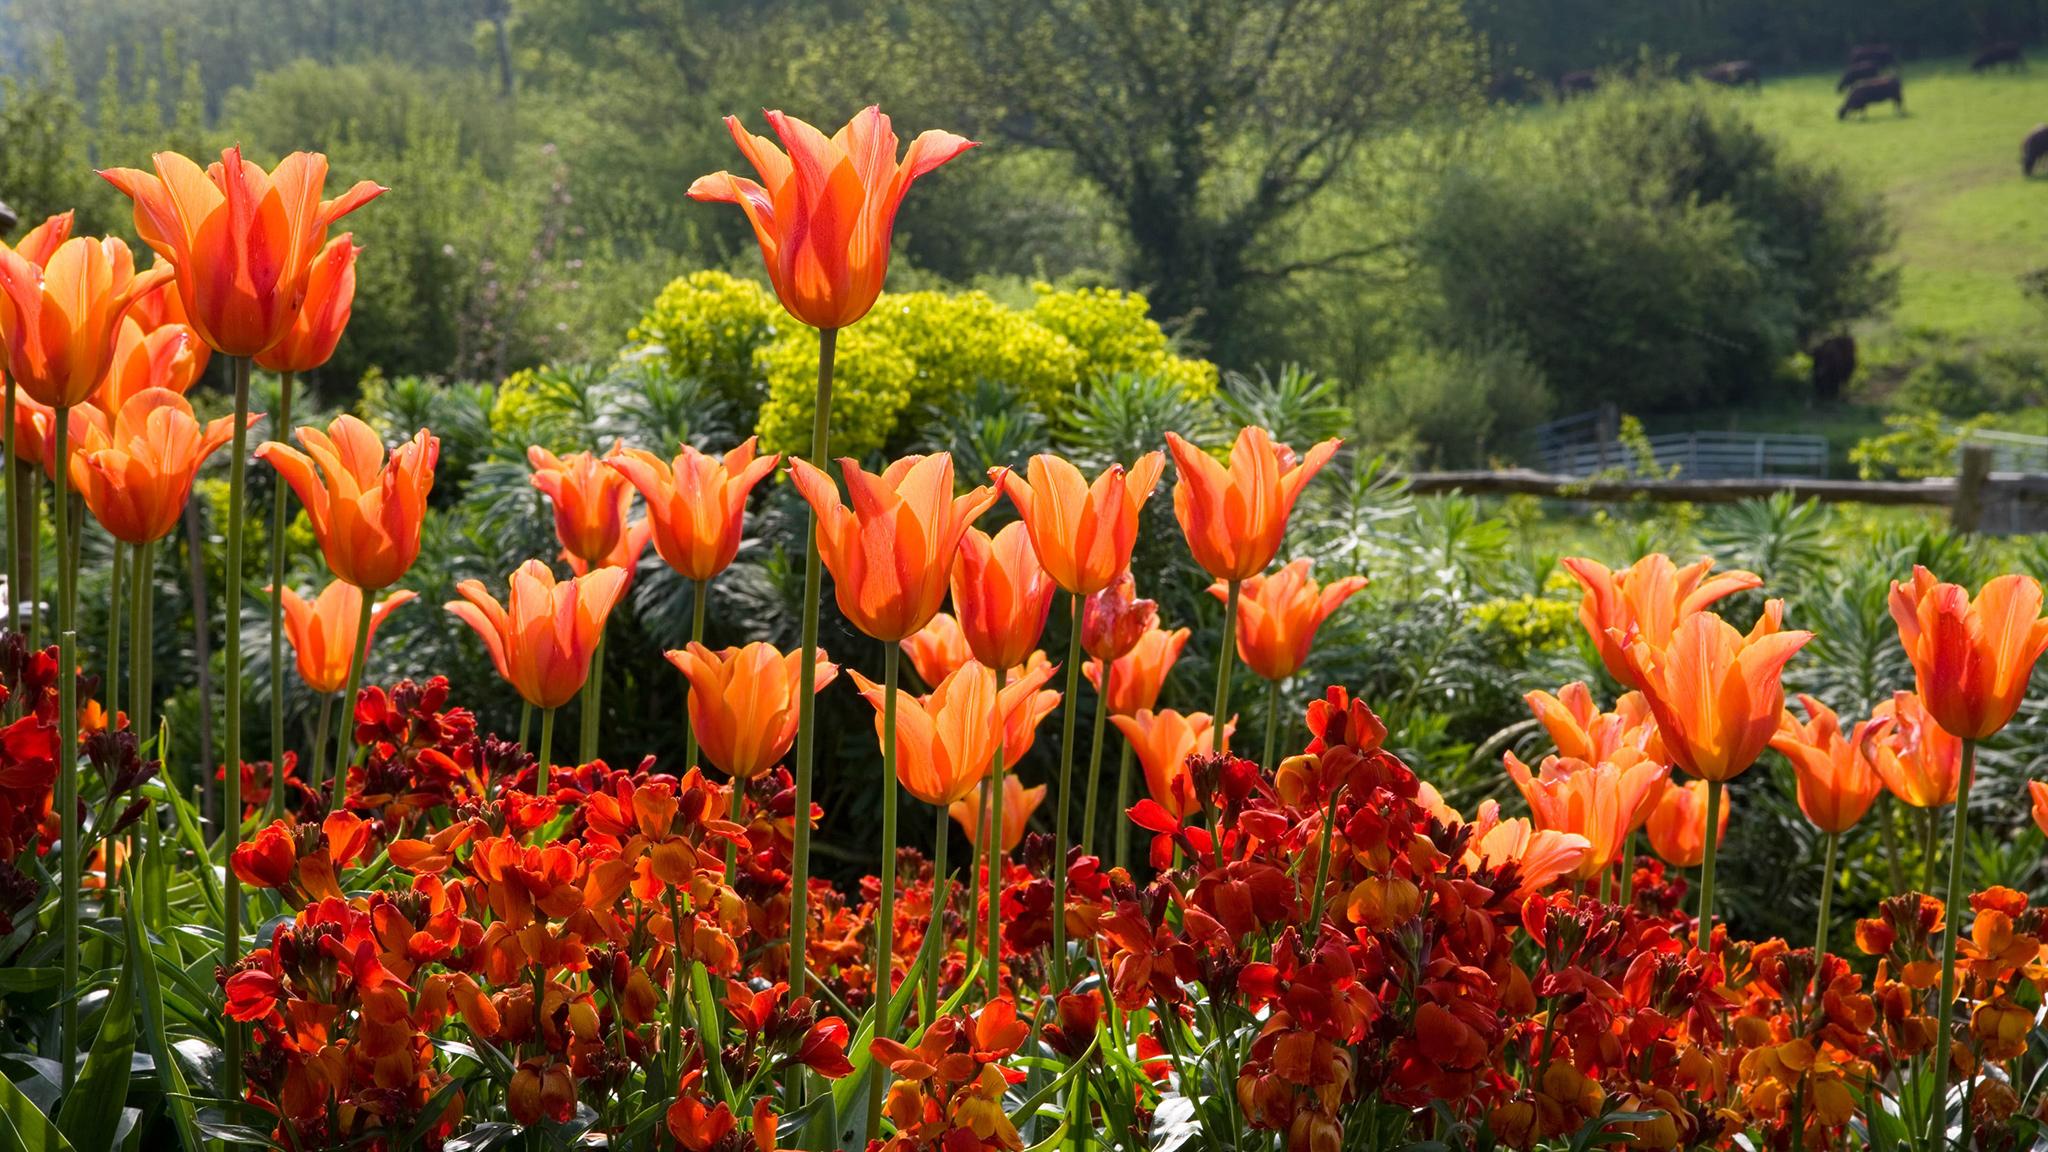 Rặng hoa nở rộ vào mùa xuân